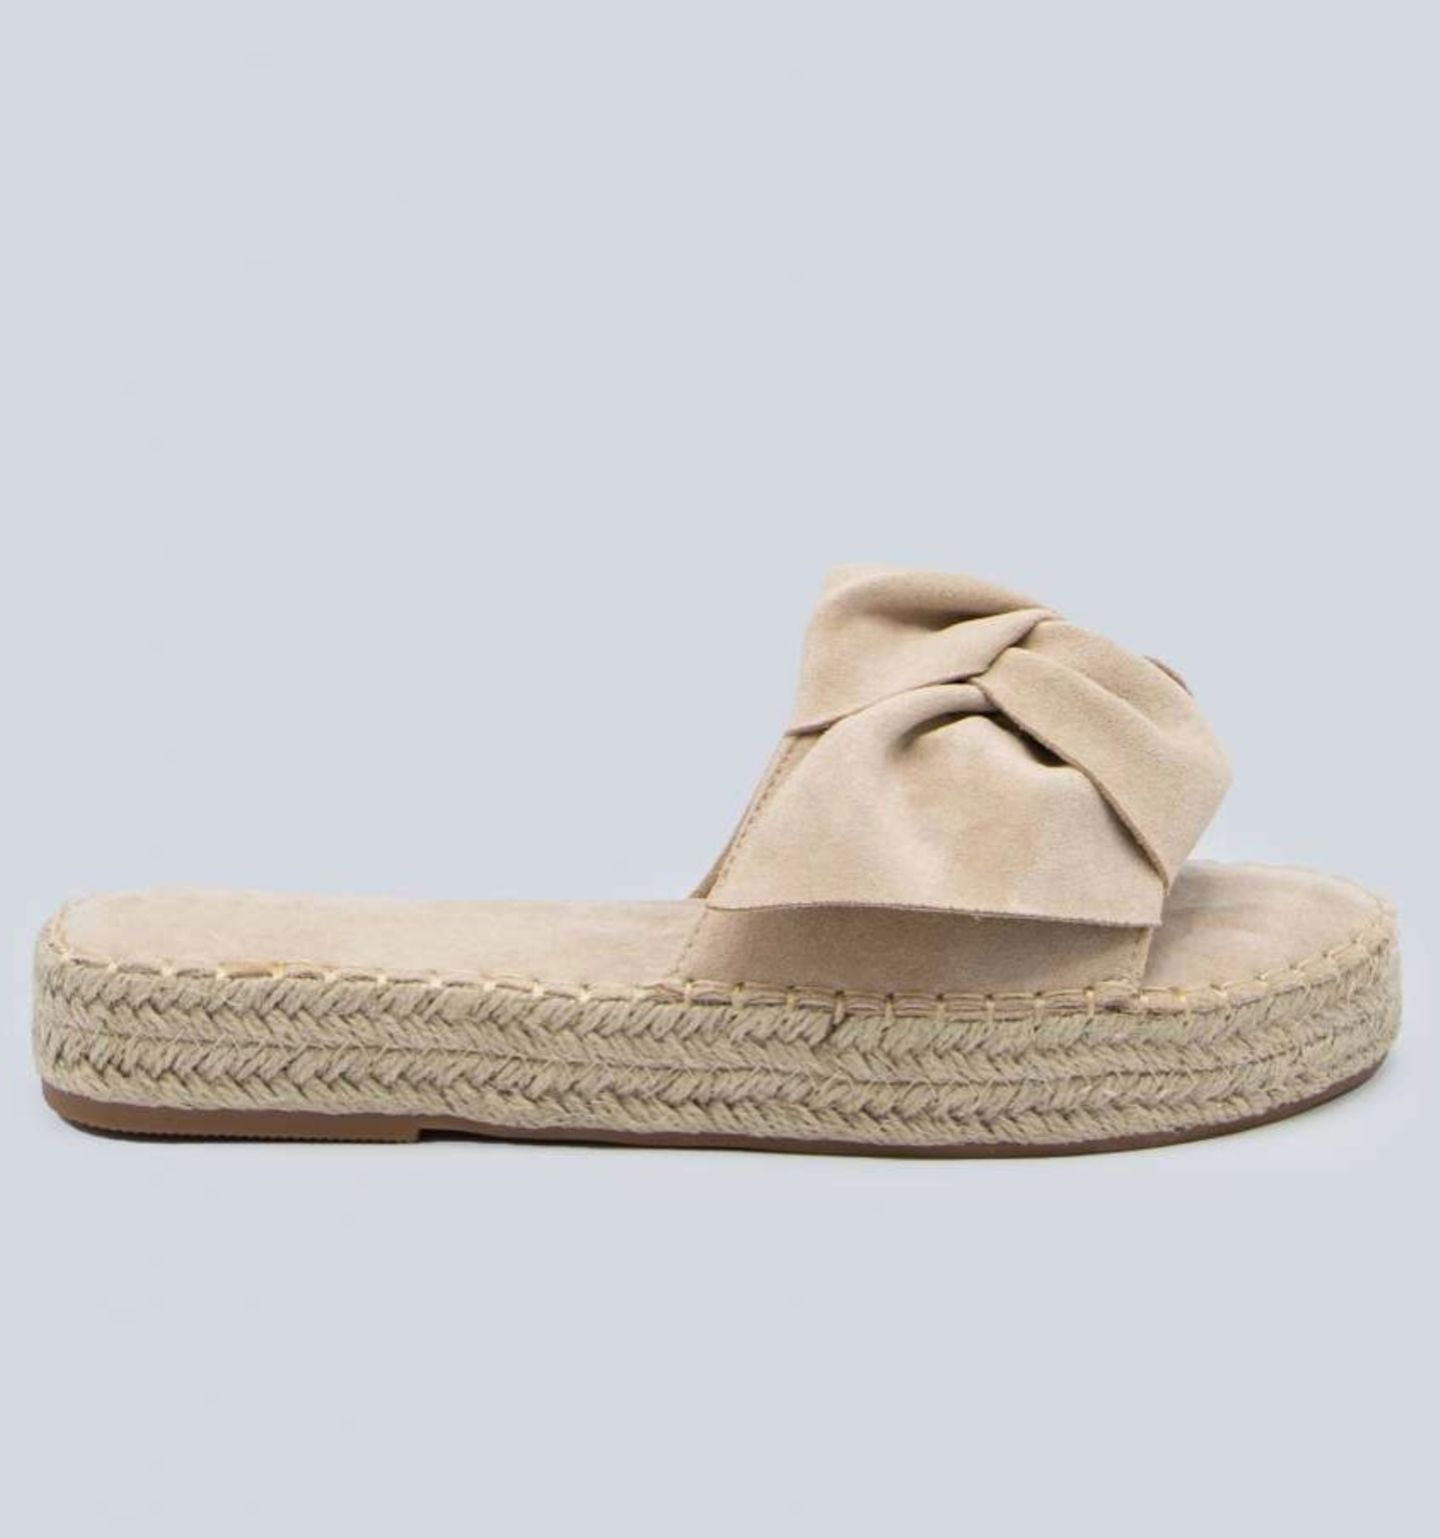 Das Schöne an dem Pantoletten-Trend 2020: Bei den flachen Sandalen müssen wir uns keine Sorgen um schmerzende Füße machen. Wer dennoch gerne ein bisschen an Höhe gewinnen möchte, der greift zu diesem Modell mit kleinem Plateau. Von Sassy Classy, um35 Euro.